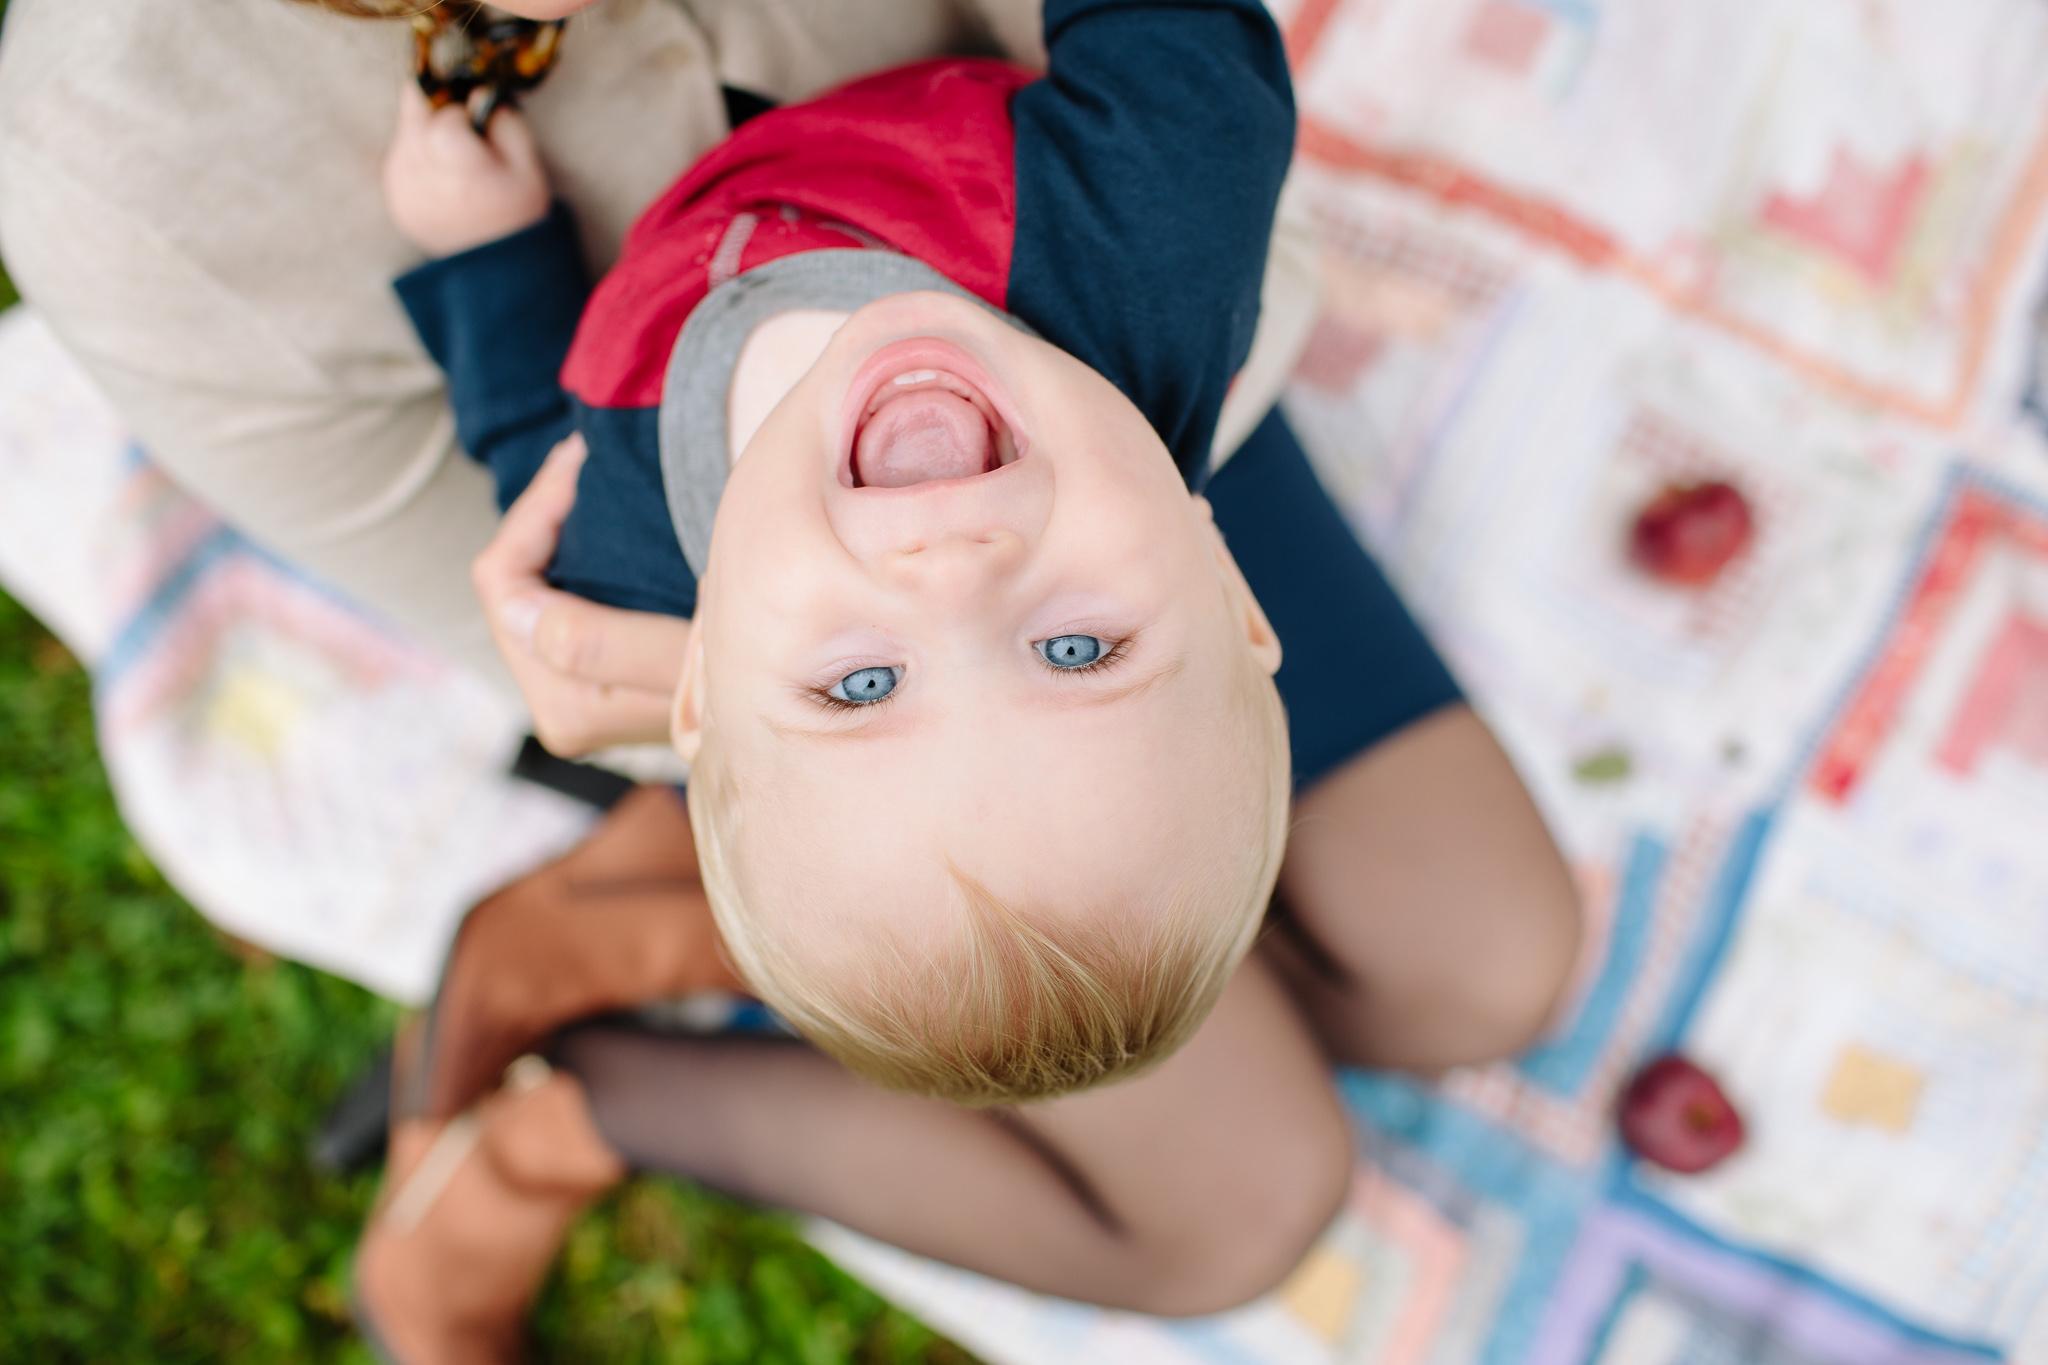 boy hanging upside down smiling